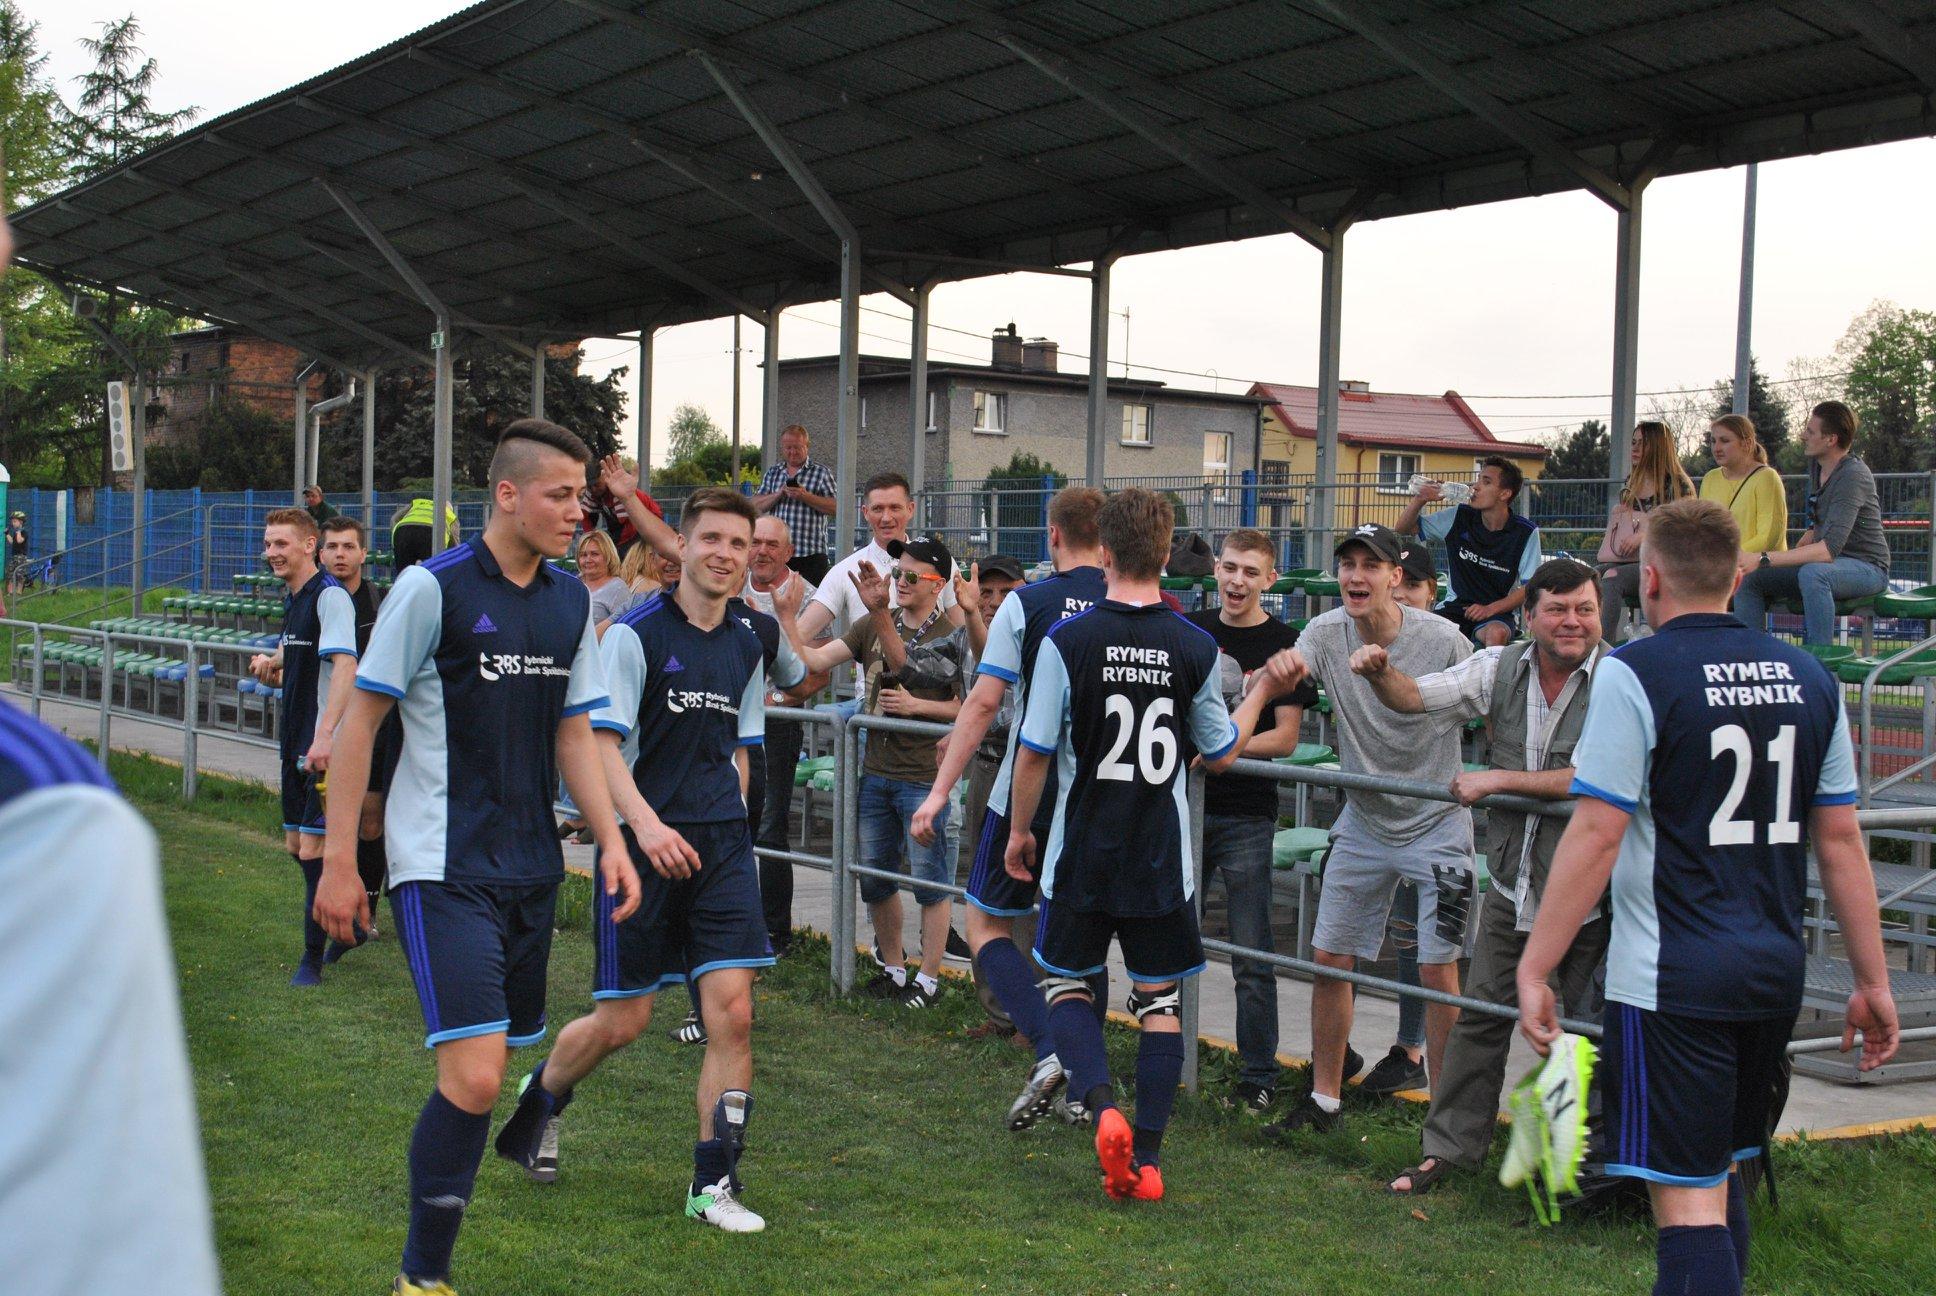 świętowanie zwycięstwa przez zawodników i kibiców Rymera